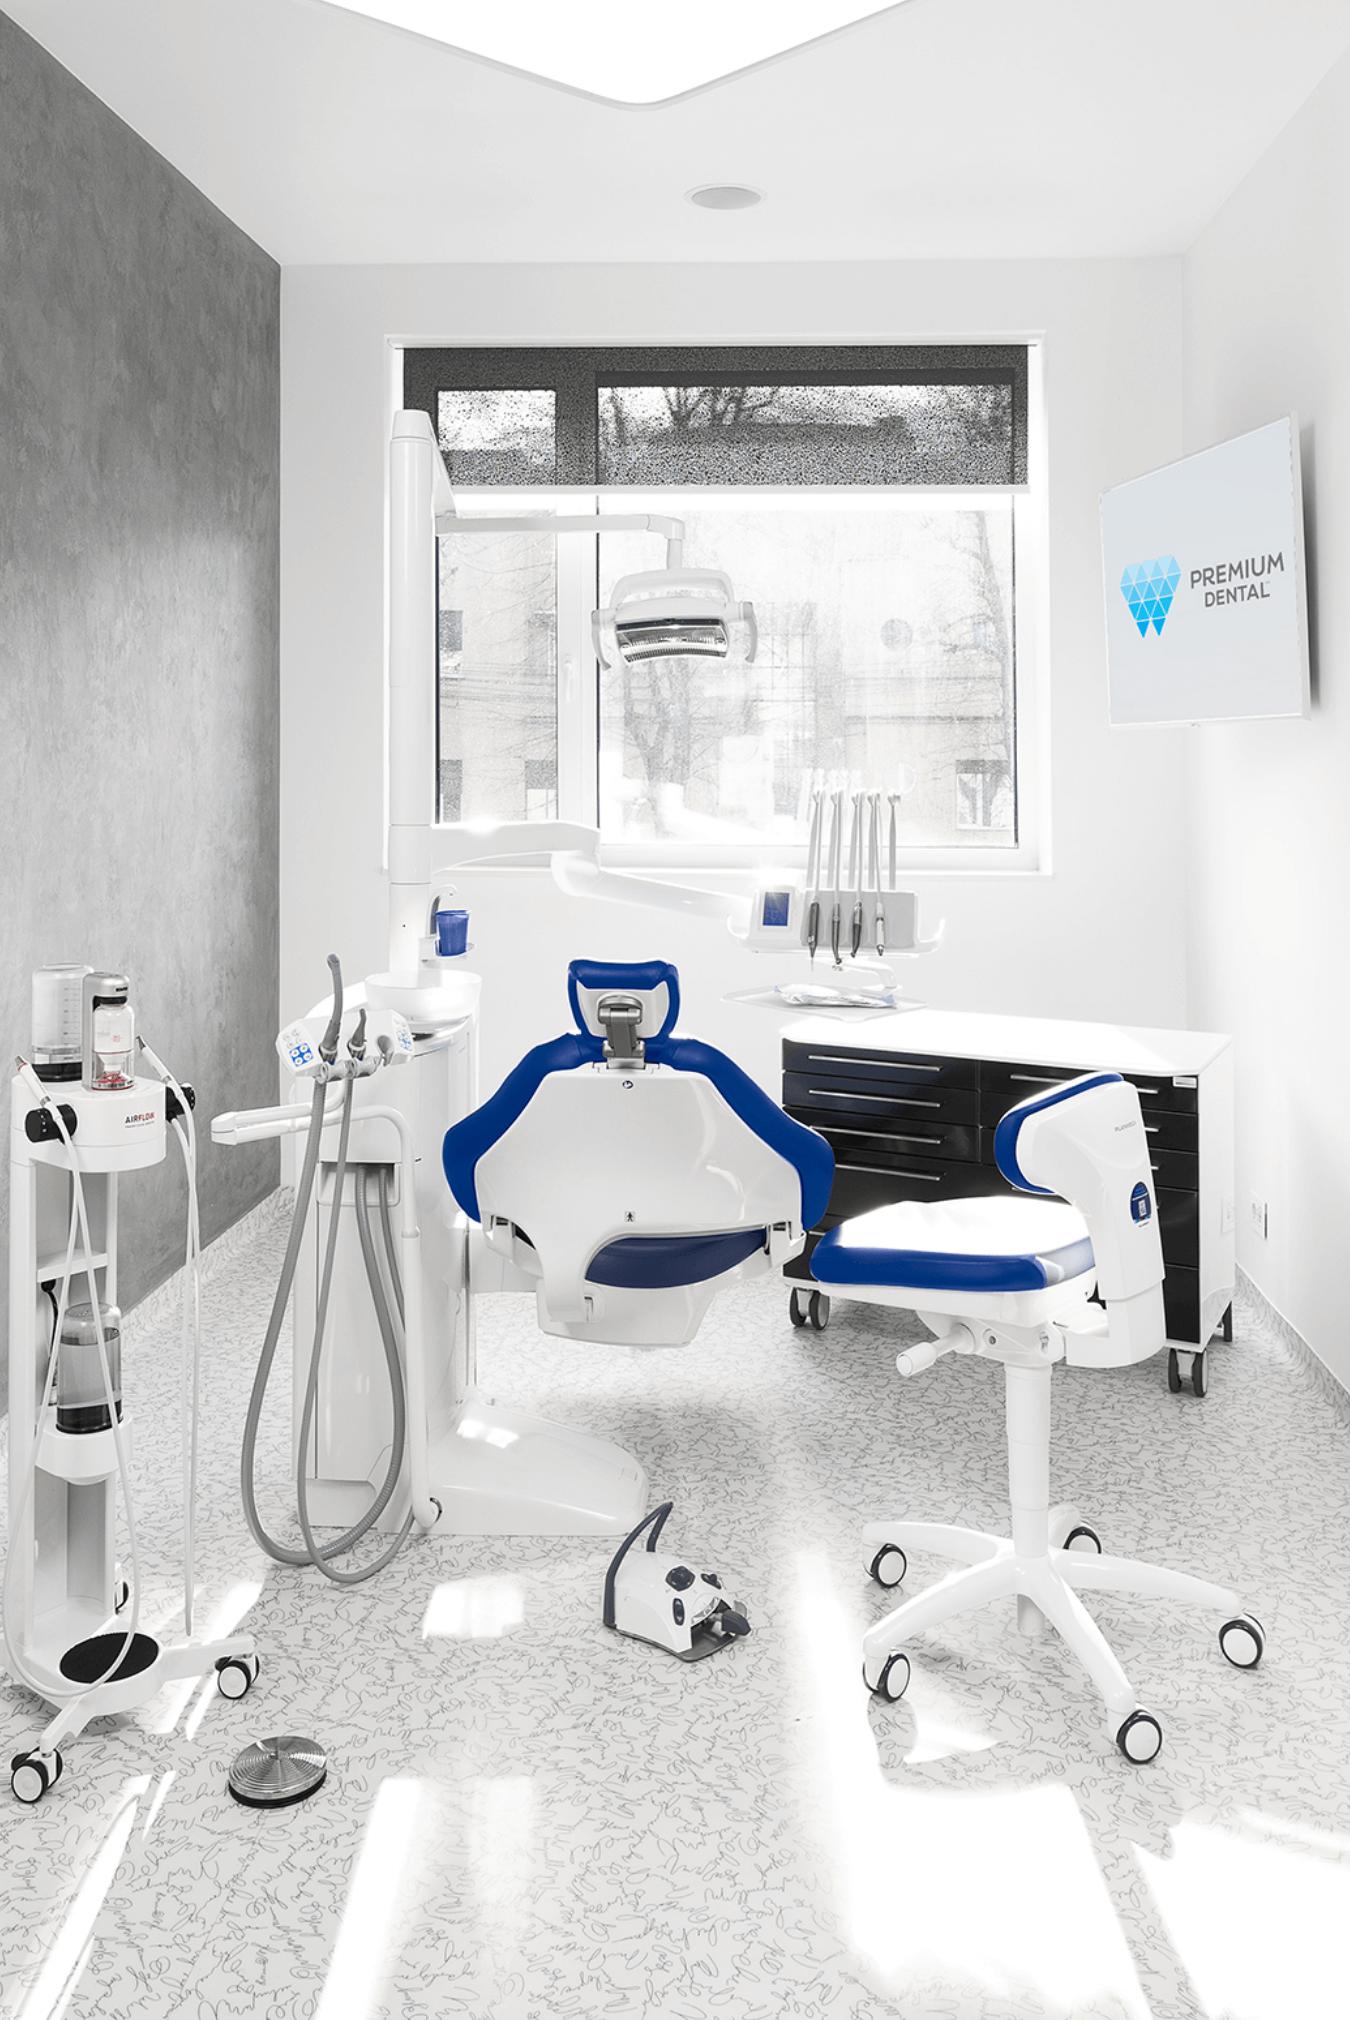 children dental clinic in Arad Romania - Premium Dental